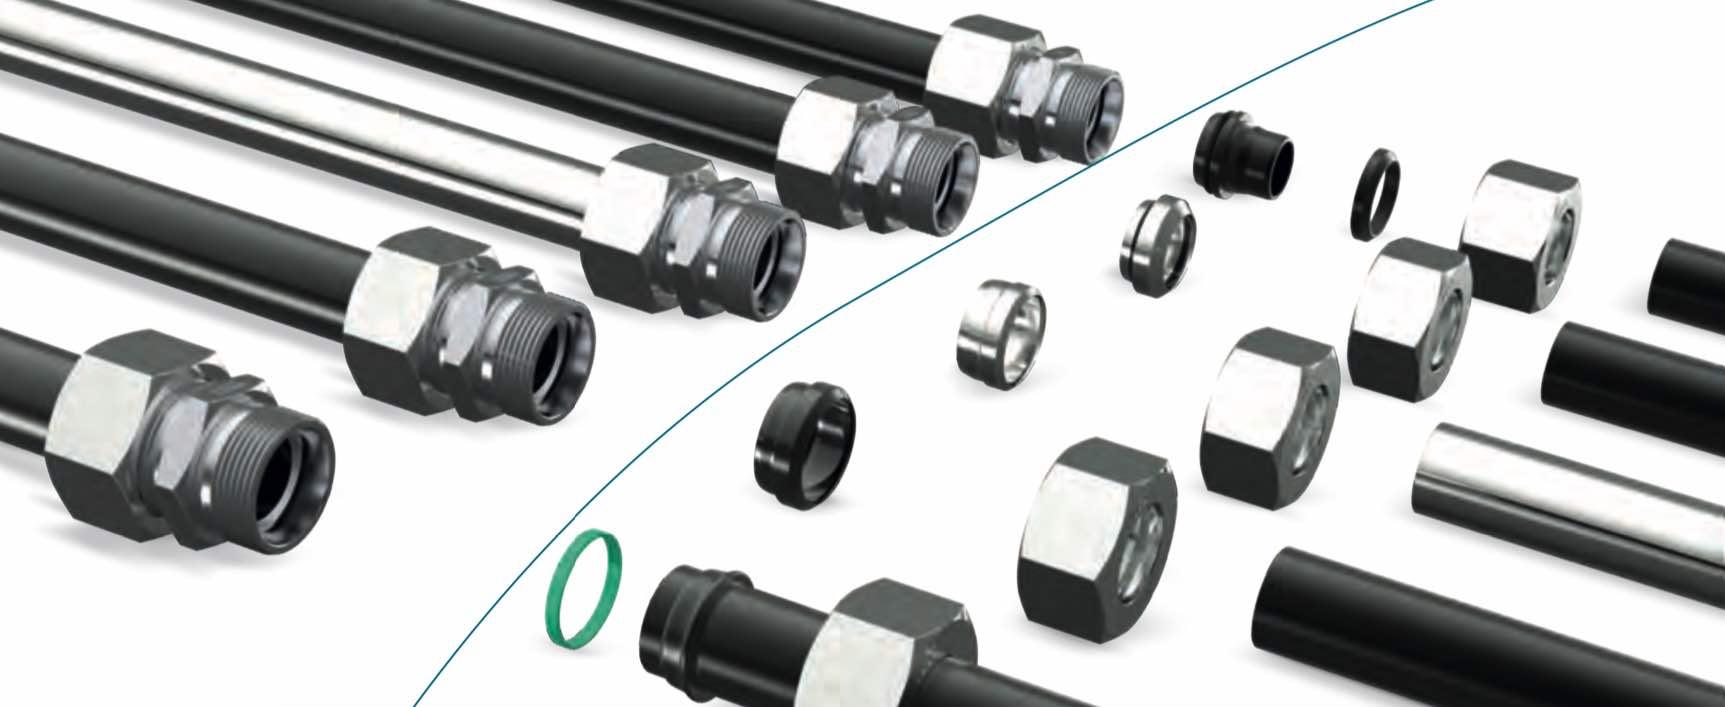 Гидравлические трубы и трубные соединения